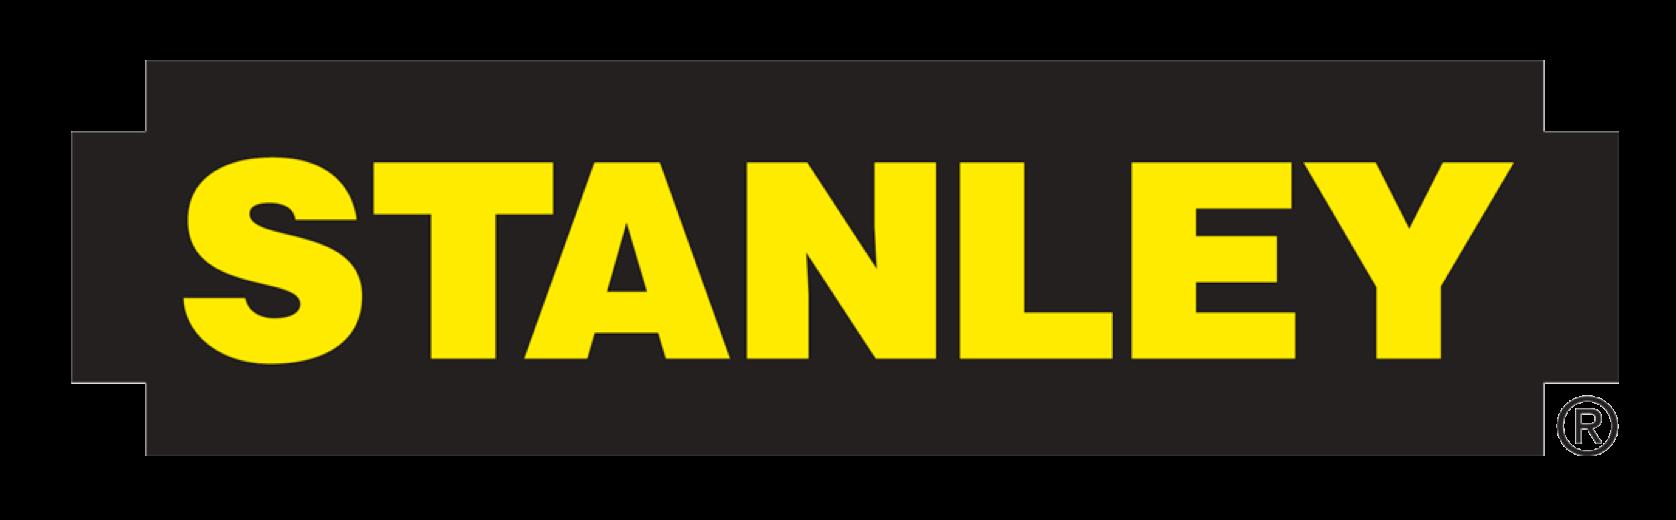 mini-logo-stanley.png